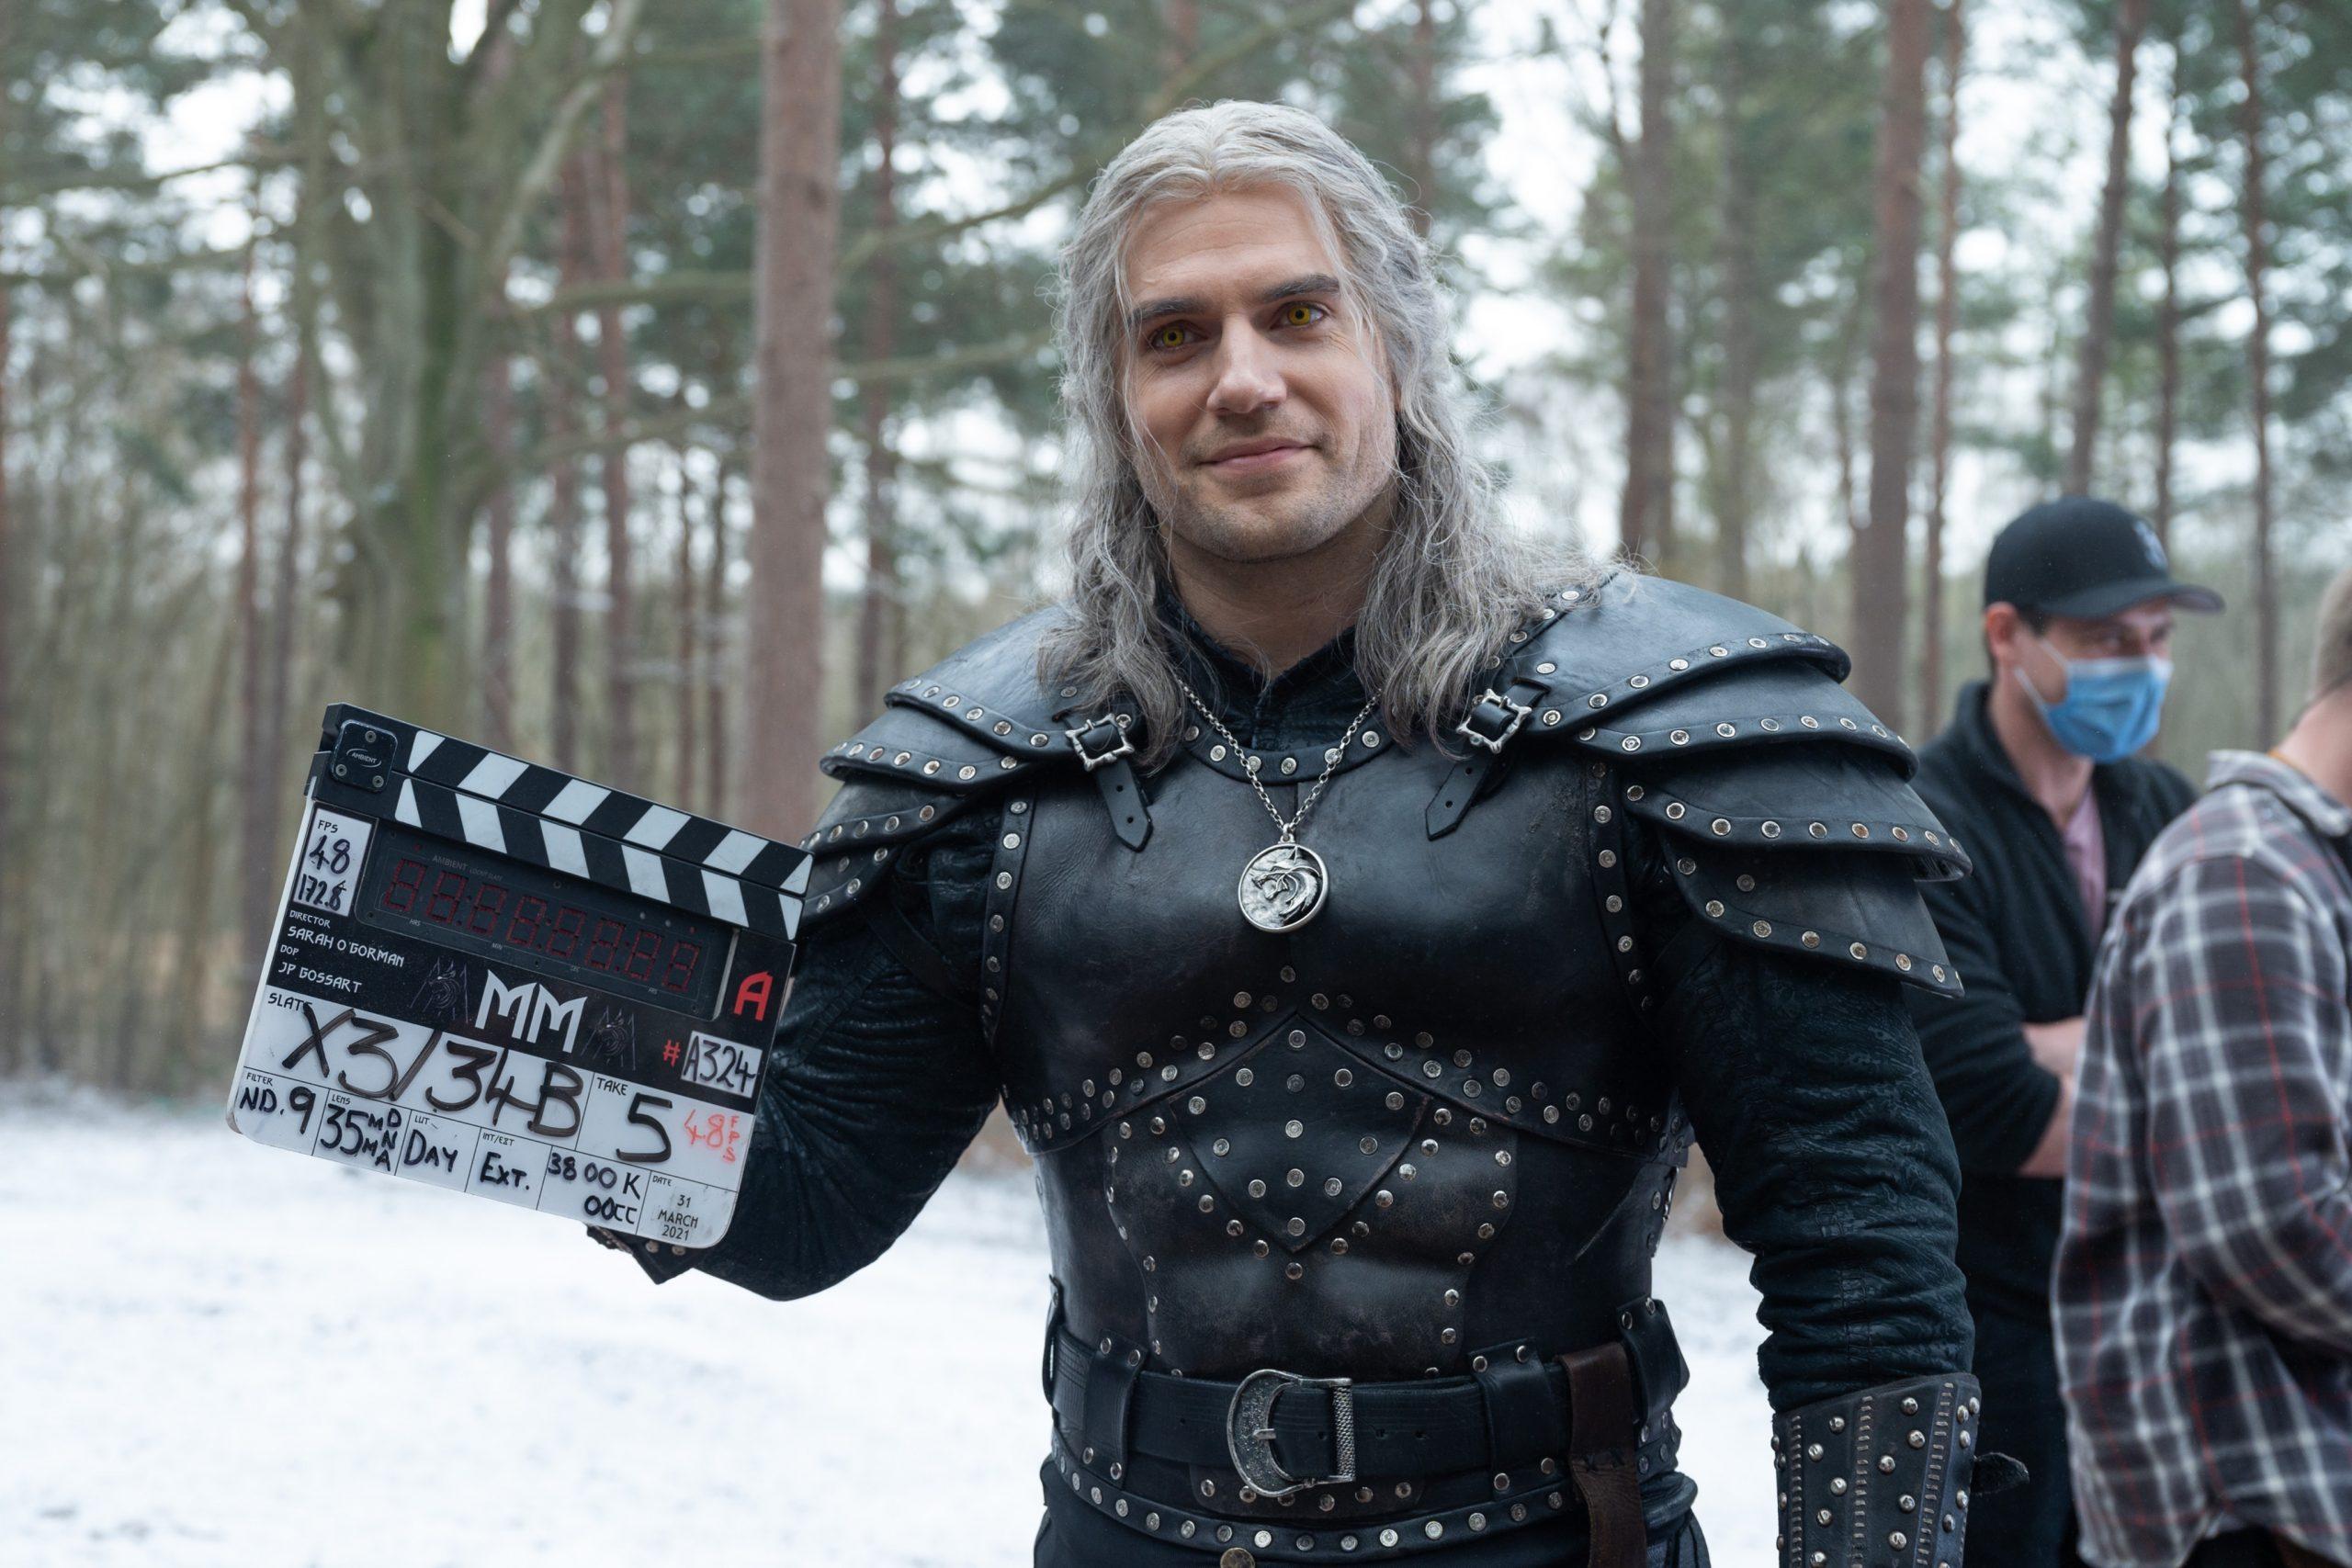 Fim das filmagens de The Witcher com Henry Cavill